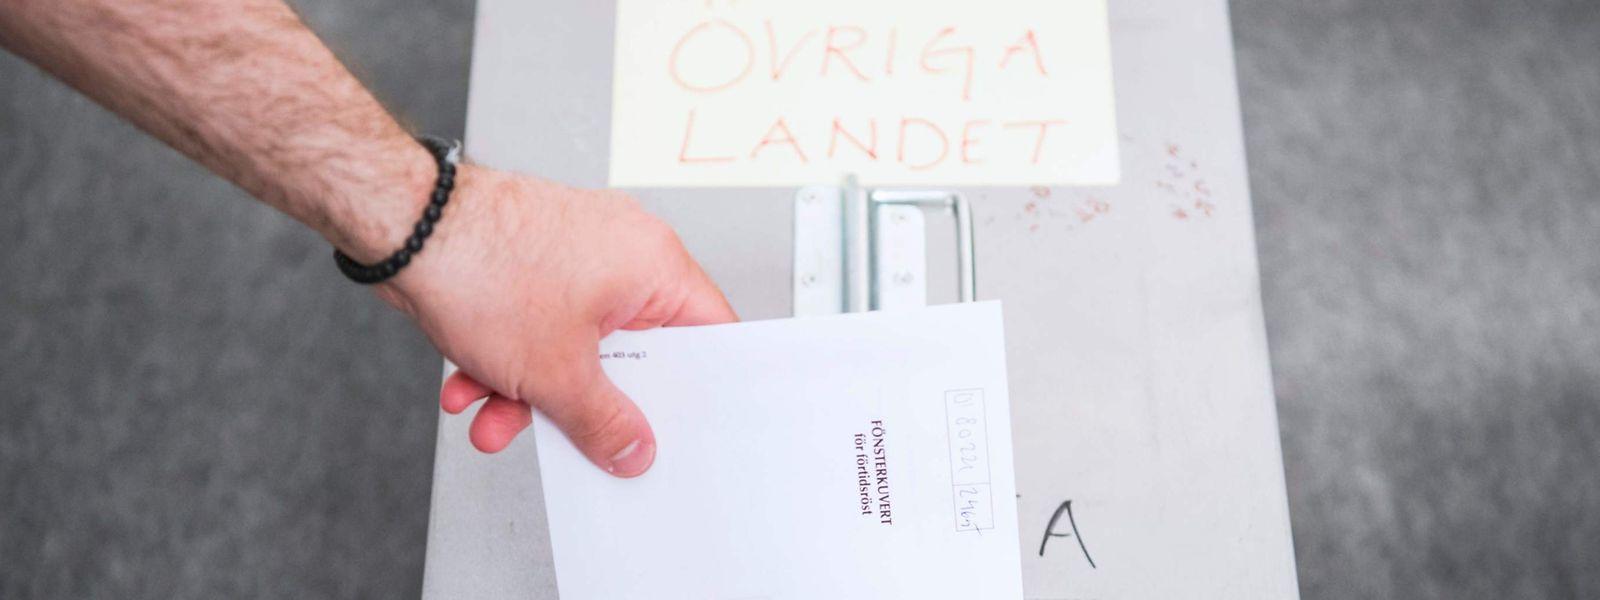 In Schweden konnten Wähler bereits Anfang Mai ihre Stimmen in die Urnen werfen. Die eigentliche EU-Wahl findet aber erst am Sonntag statt.